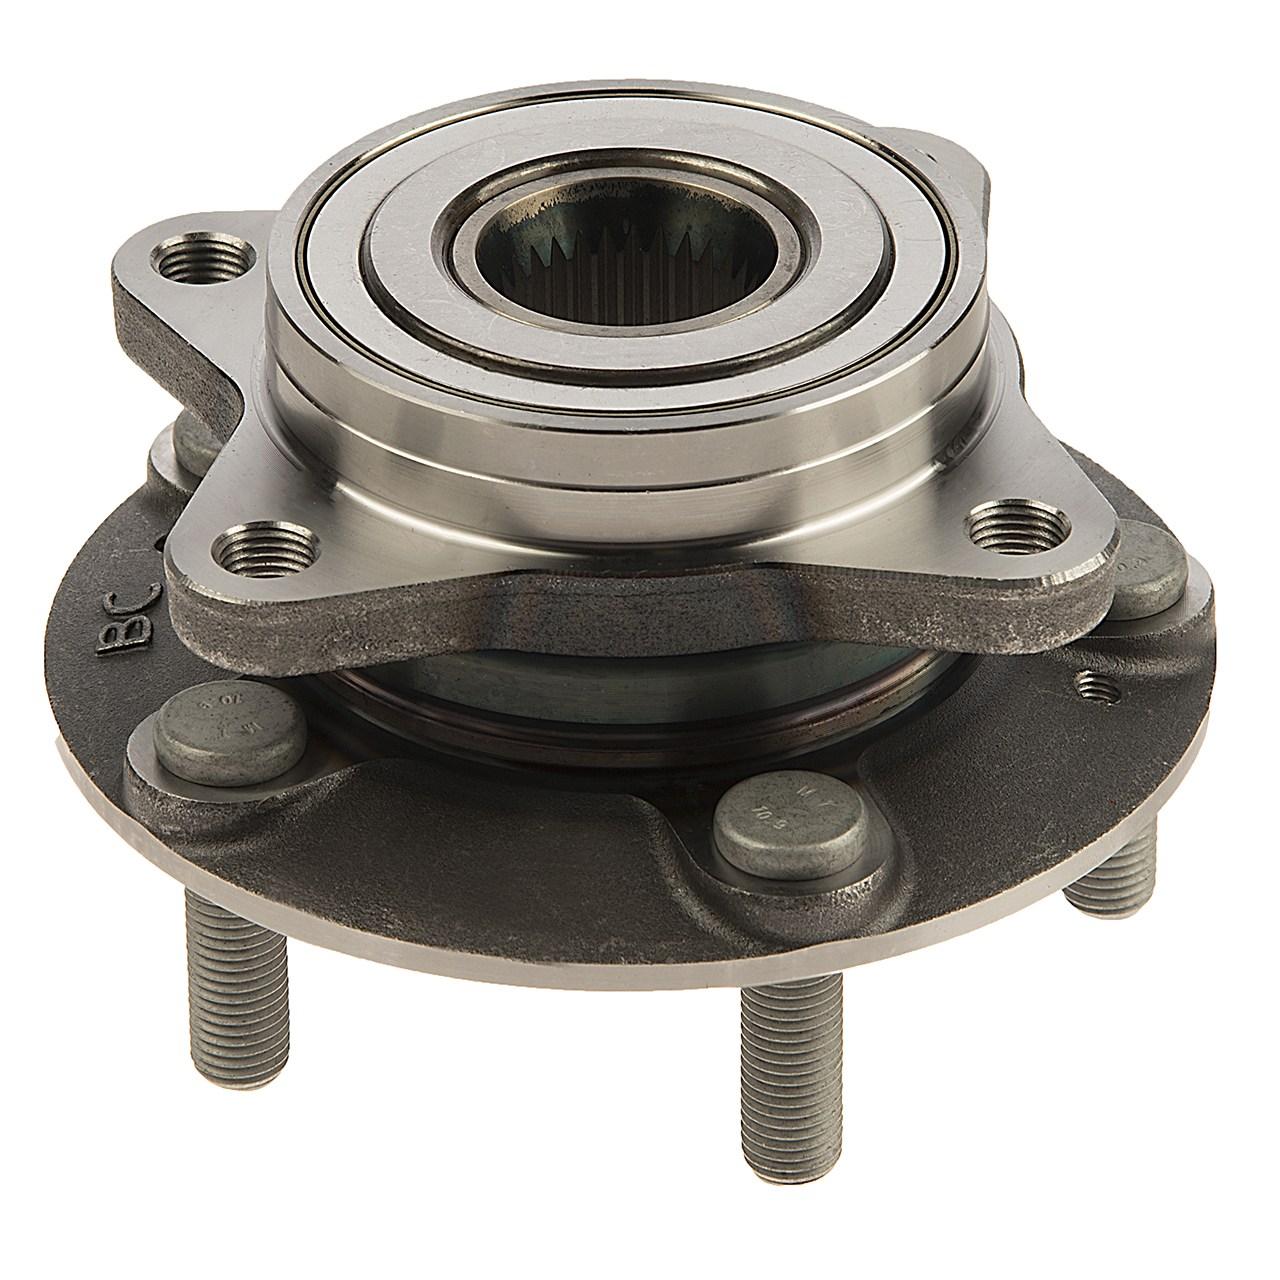 توپی چرخ جلو با بلبرینگ مدل 3103010U1510XA مناسب برای خودروهای جک